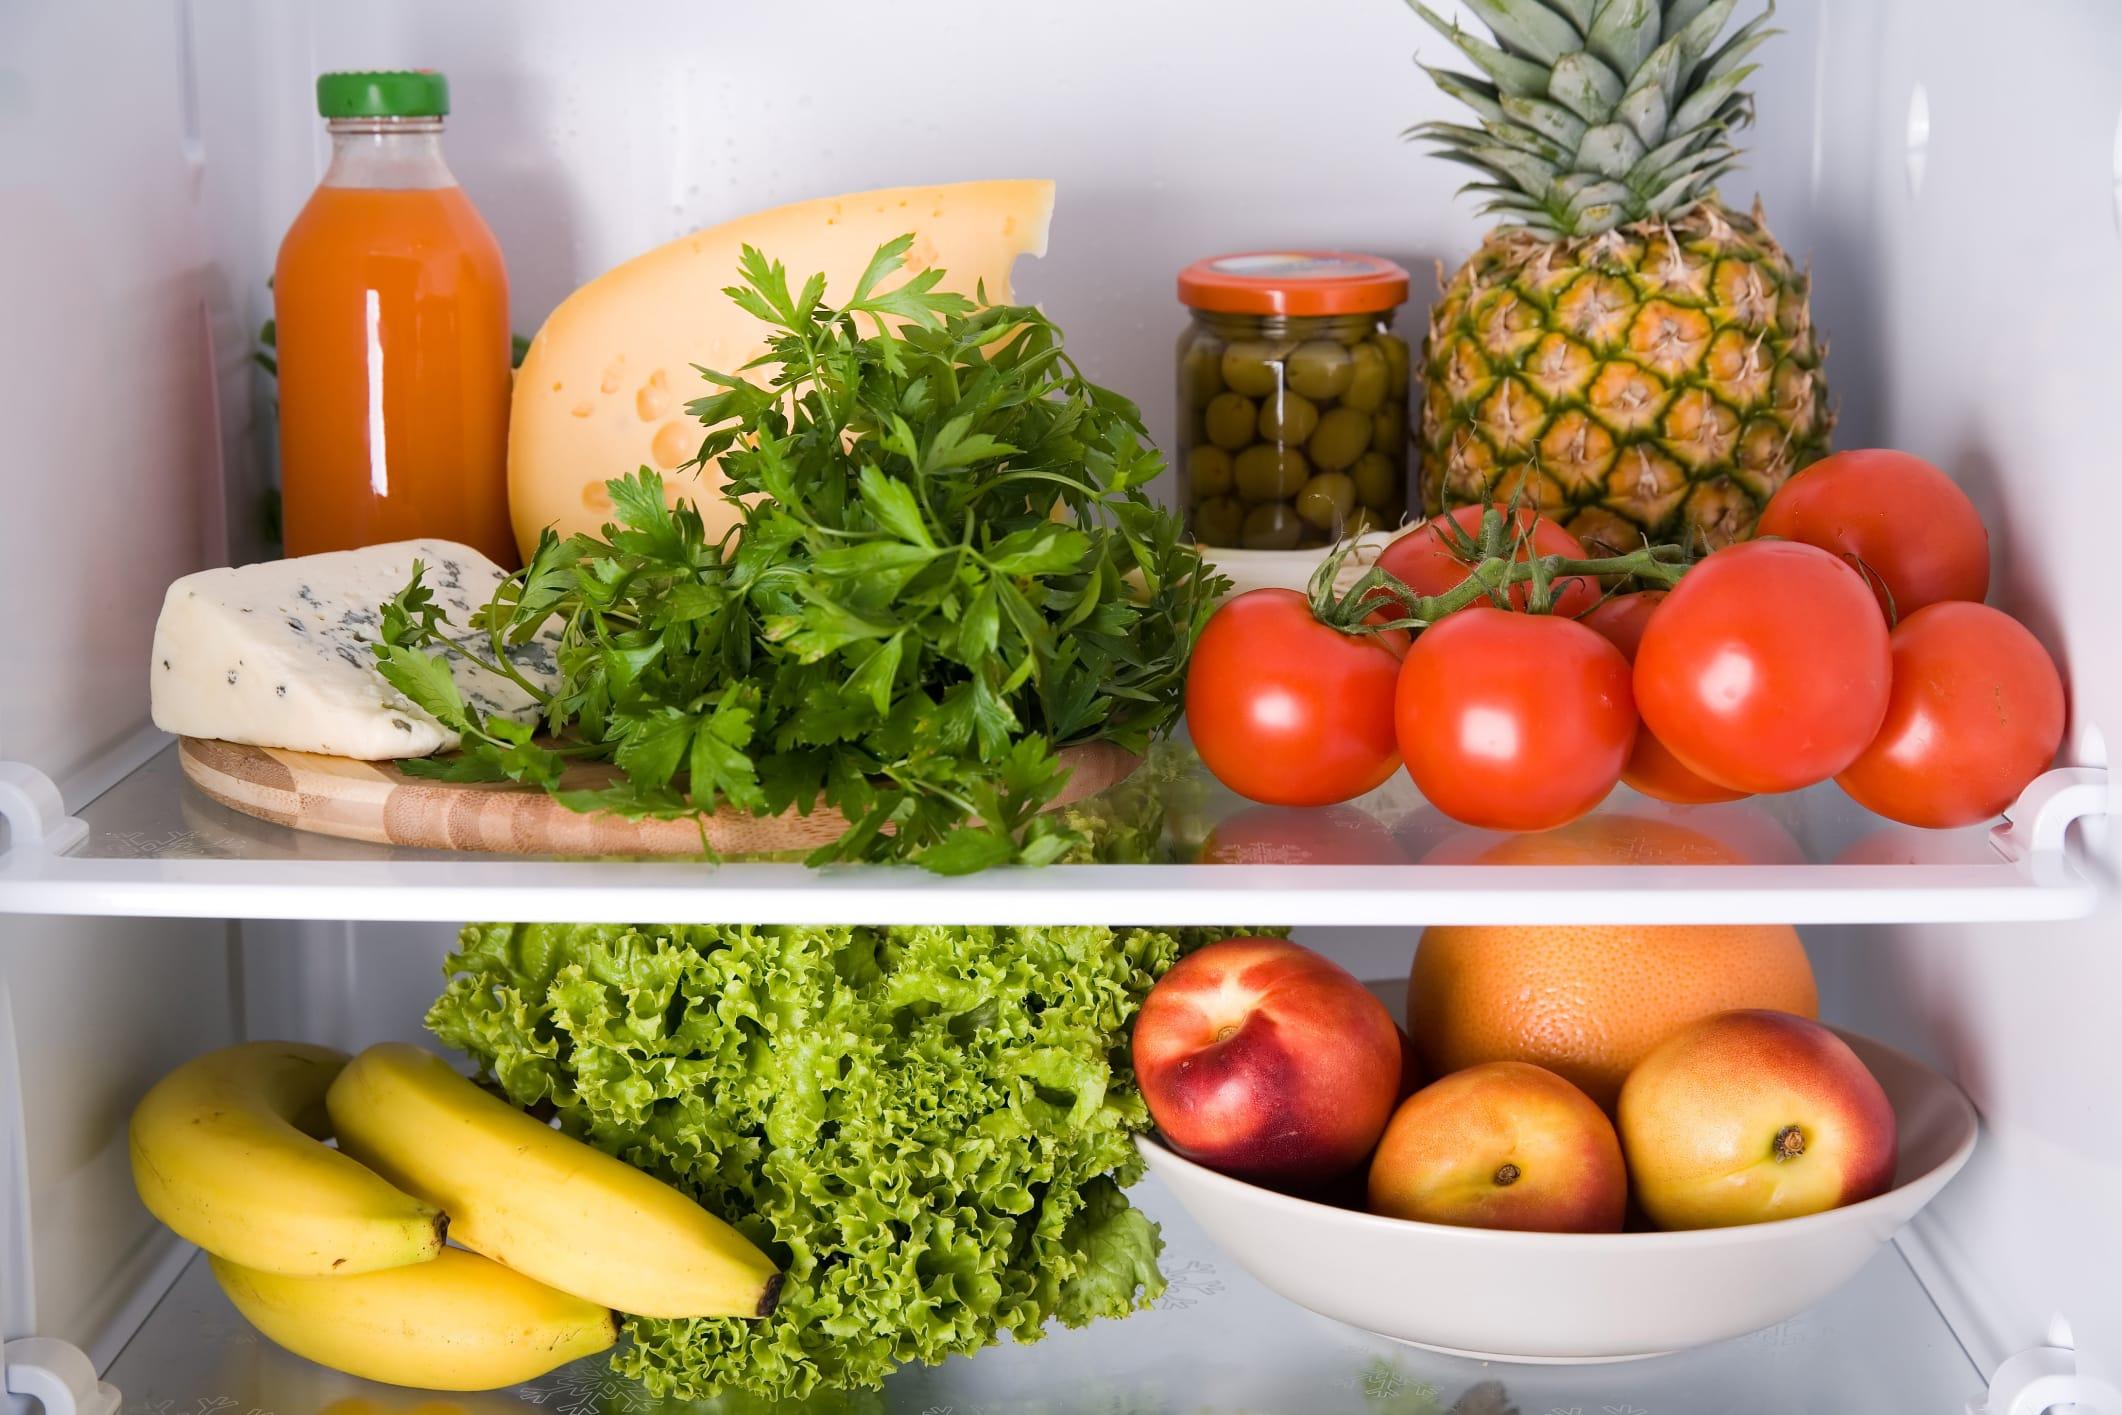 come eliminare i cattivi odori dal frigorifero